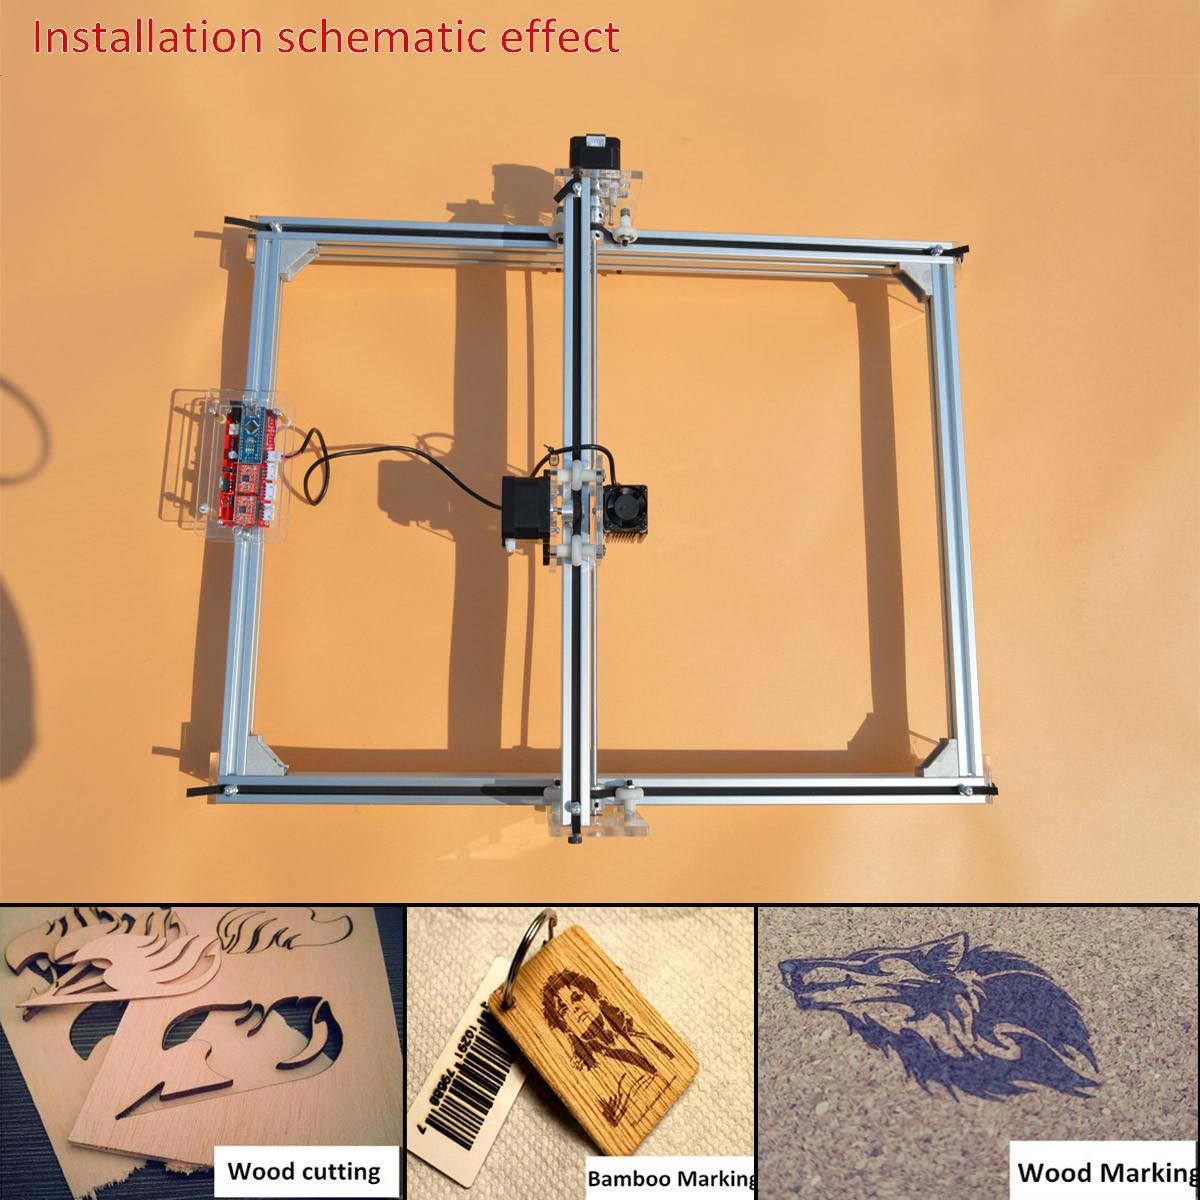 2500mW Laser Engraving Machine DIY Logo Cutting Marking Wood Printer 40X50CM Engraving Area